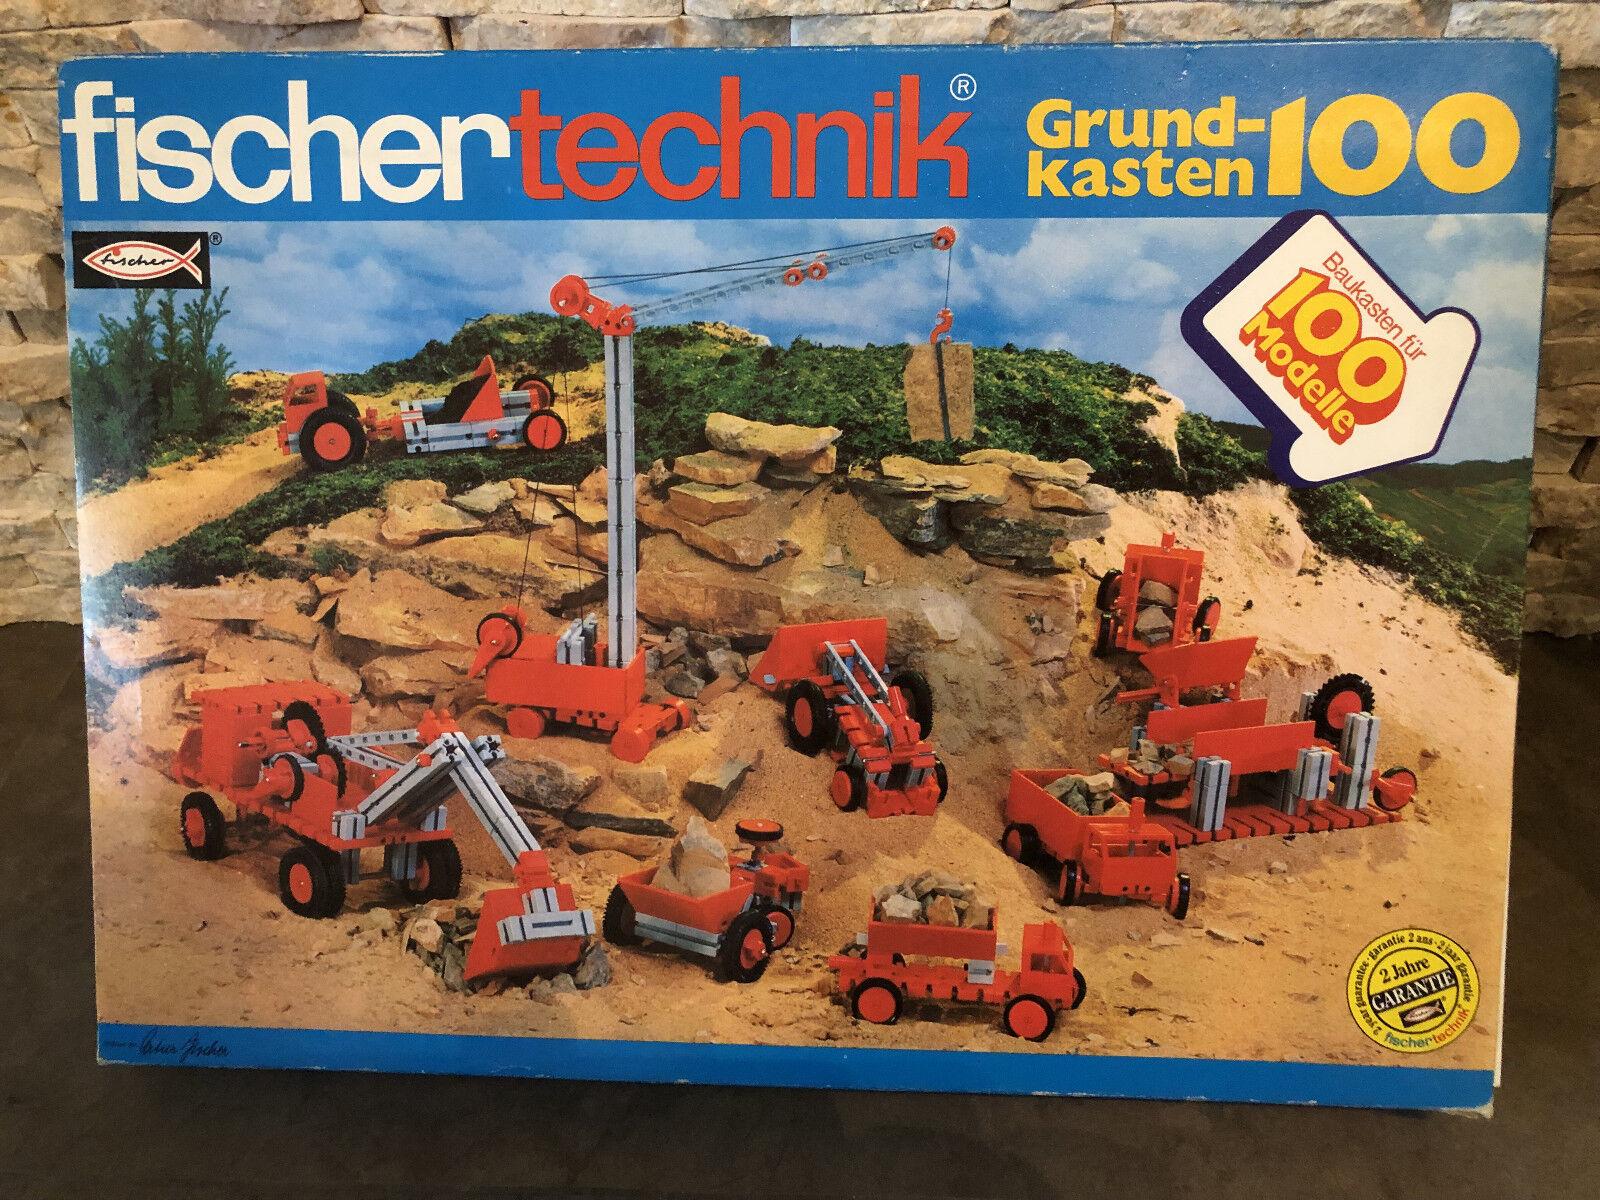 Fischertechnik Grundkasten 100: 50 + 50/1, Art. Nr. 30131, mit Anleitung wNEU